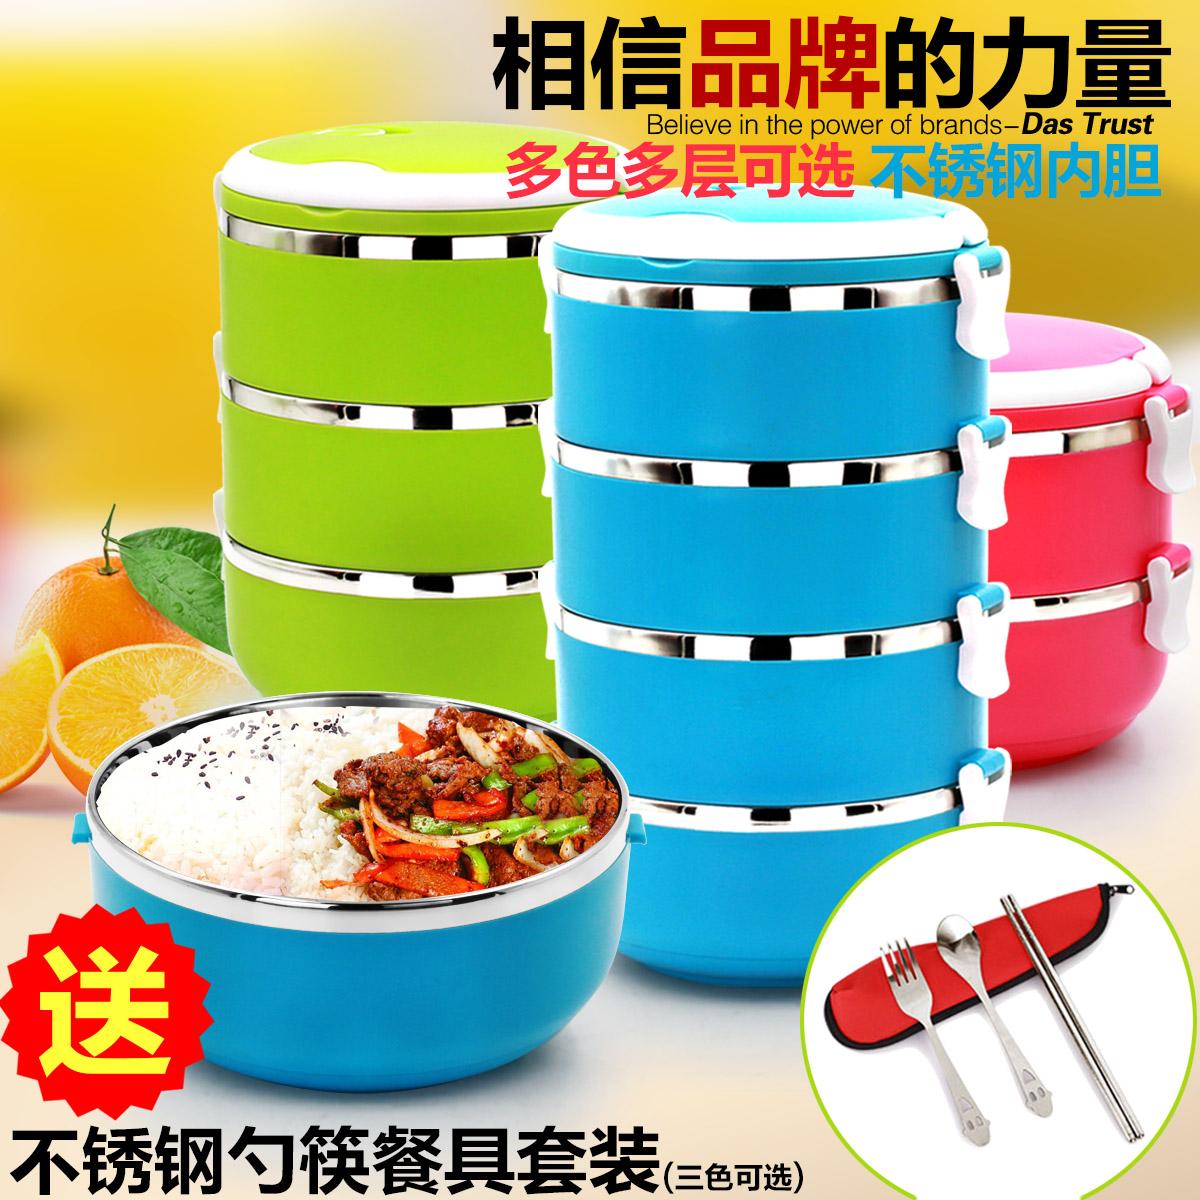 保溫便當盒 分格雙層三層多層不鏽鋼飯盒可愛圓形保溫桶餐盒